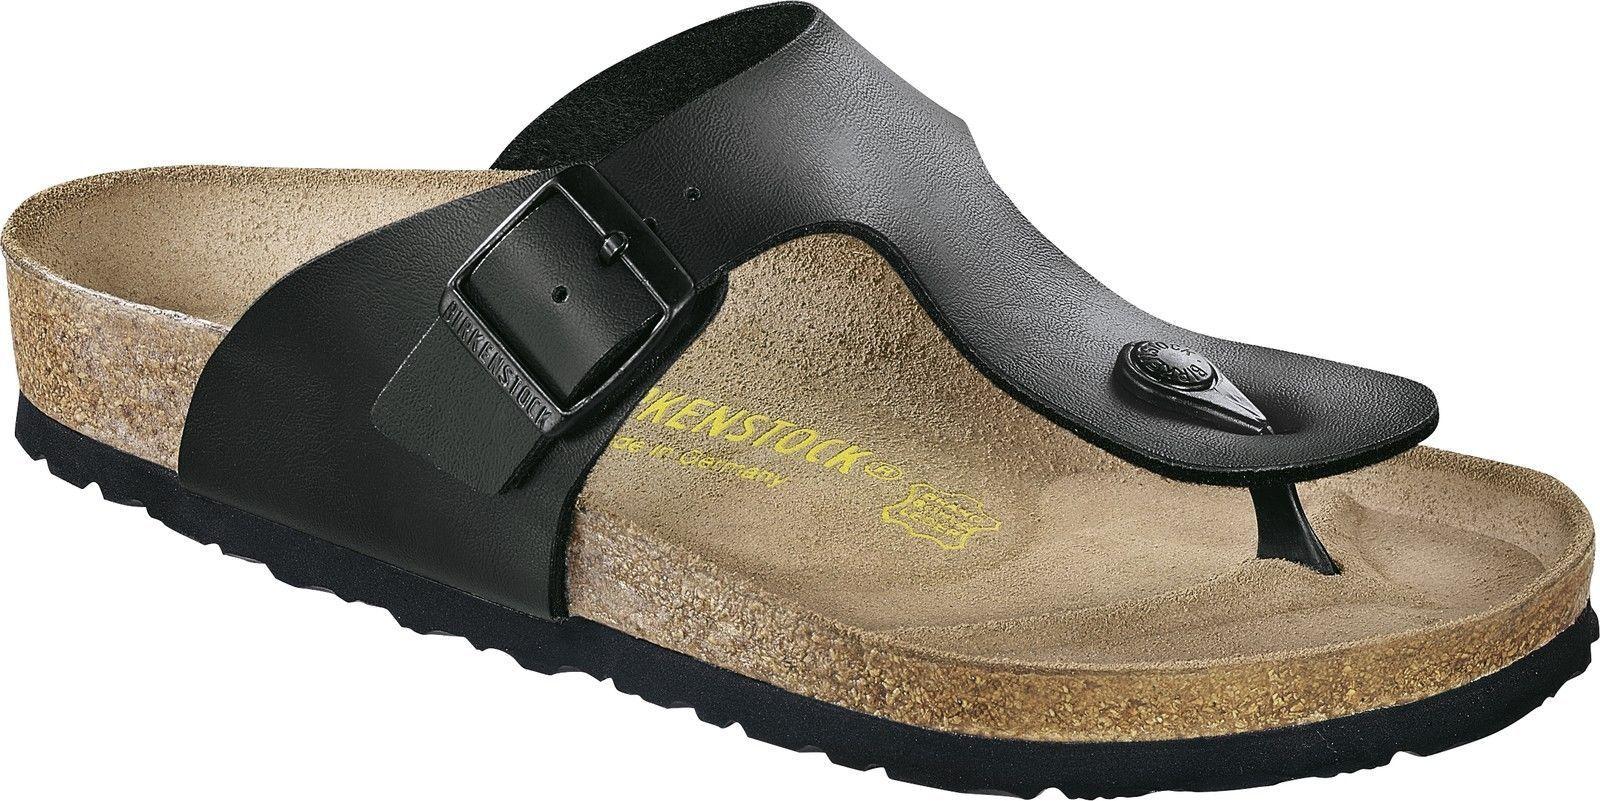 Tiempo limitado especial Birkenstock Ramsés dedos steg sandalia negro tamaño 38-48 plantilla normal